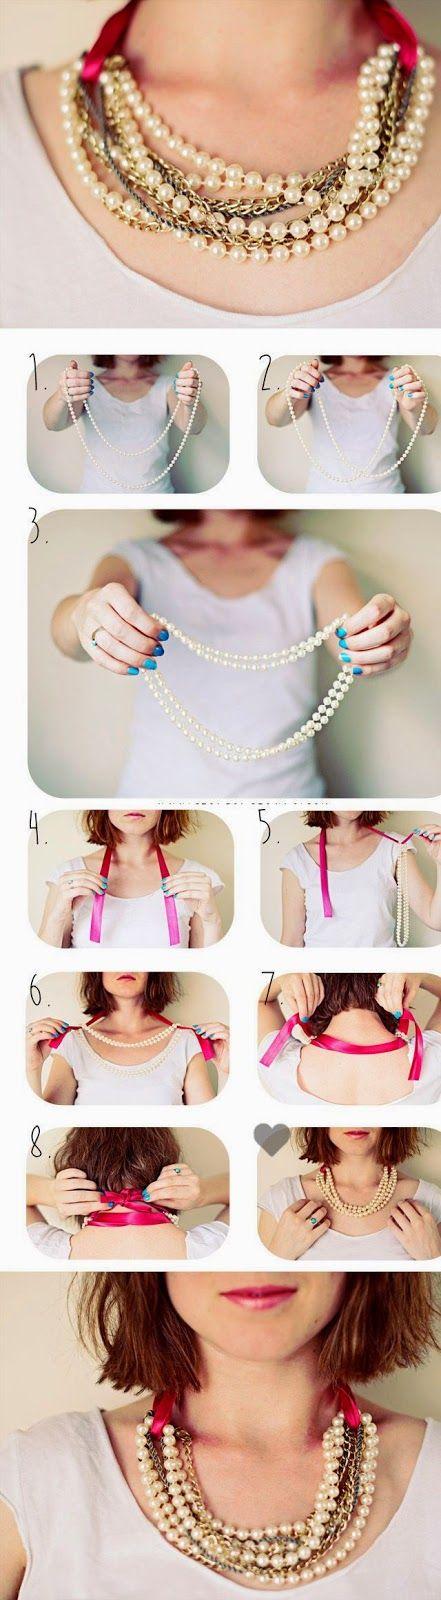 Como fazer um colar com pérolas     Super chique e moderno este colar usando correntes, pérolas e fita de cetim...   Siga o foto tutorial e...